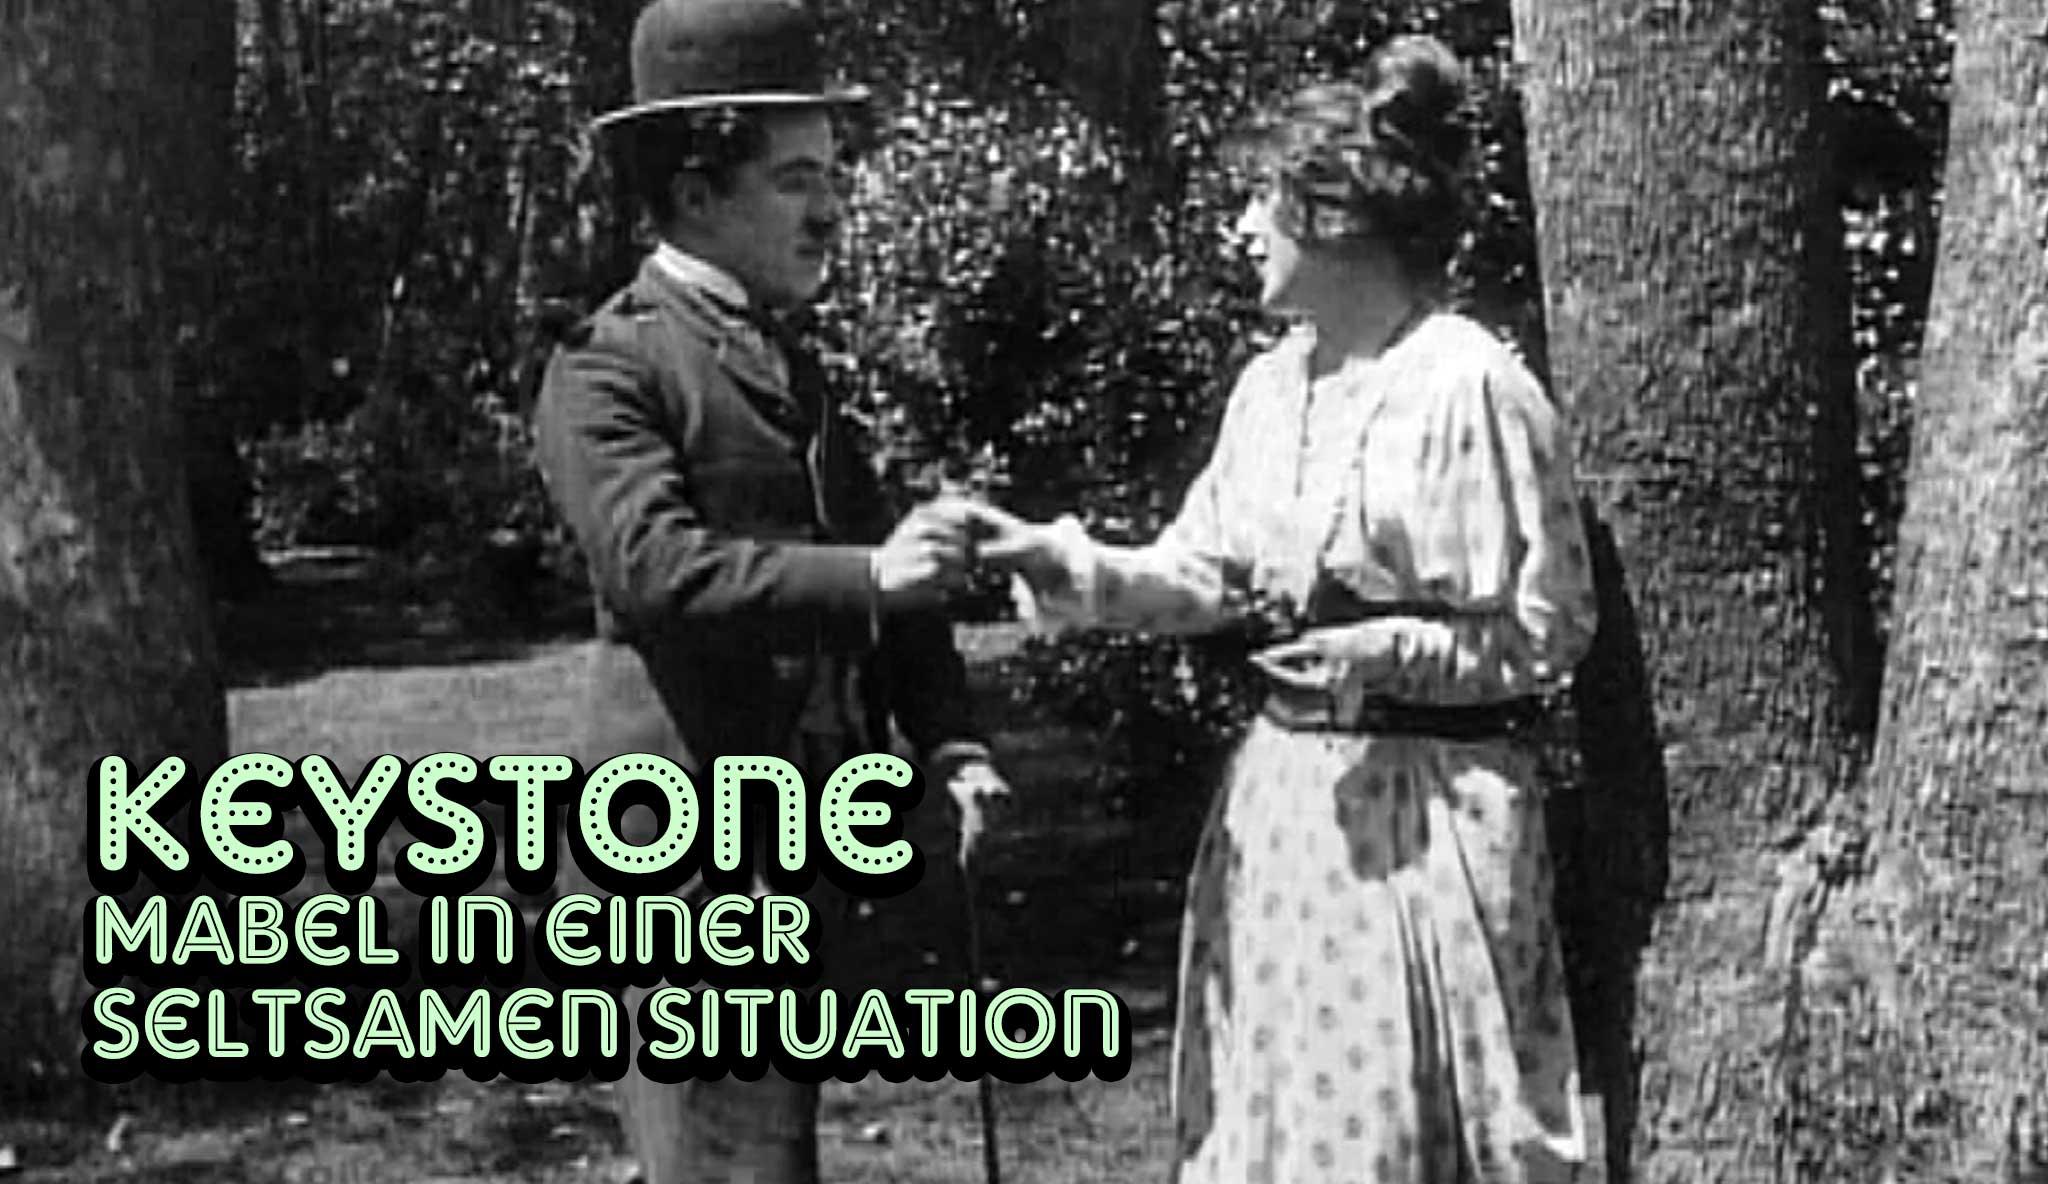 keystone-mabel-in-einer-seltsamen-situation\header.jpg